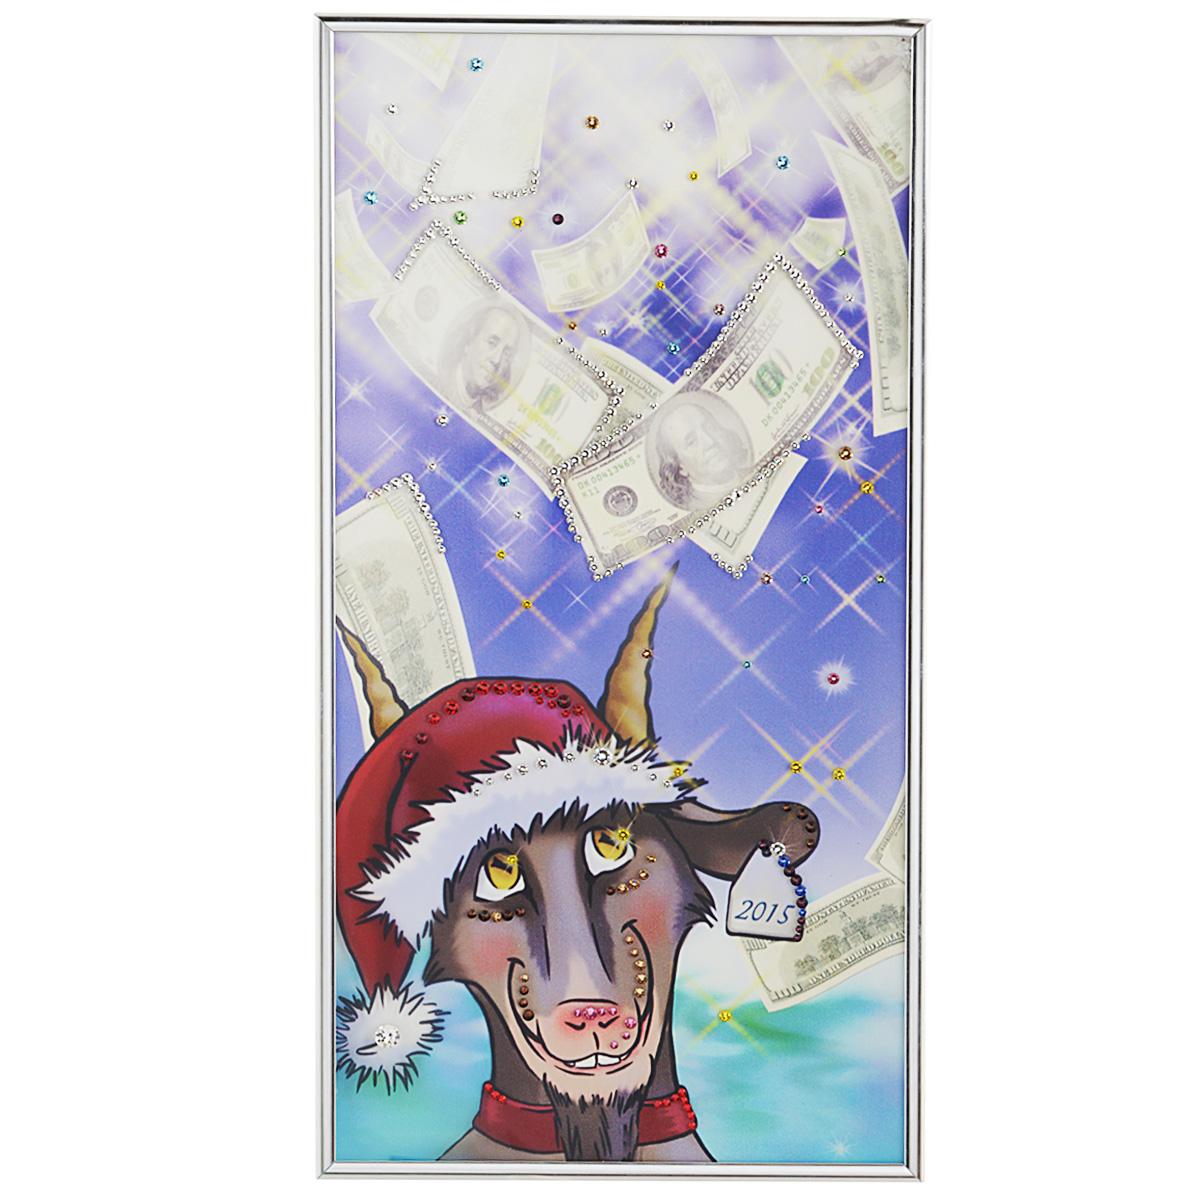 Картина с кристаллами Swarovski Про100козел, 20 см х 40 смIDEA CT2-02Изящная картина в металлической раме, инкрустирована кристаллами Swarovski, которые отличаются четкой и ровной огранкой, ярким блеском и чистотой цвета. Красочное изображение козла, в новогодней шапке, расположенное под стеклом, прекрасно дополняет блеск кристаллов. С обратной стороны имеется металлическая петелька для размещения картины на стене. Картина с кристаллами Swarovski Про100козел элегантно украсит интерьер дома или офиса, а также станет прекрасным подарком, который обязательно понравится получателю. Блеск кристаллов в интерьере, что может быть сказочнее и удивительнее. Картина упакована в подарочную картонную коробку синего цвета и комплектуется сертификатом соответствия Swarovski. Количество кристаллов: 240 шт. Размер картины: 20 см х 40 см.